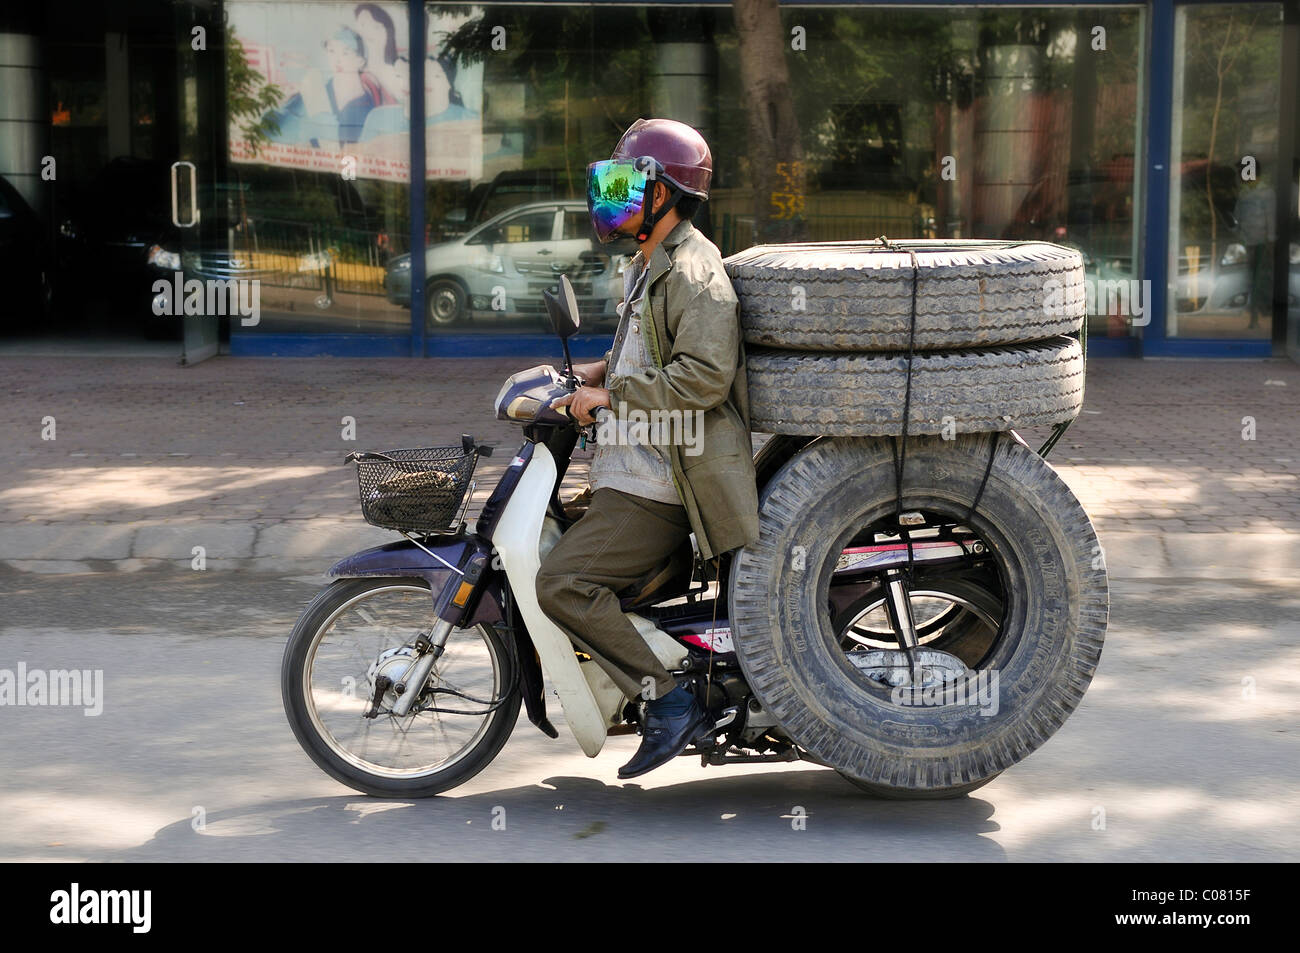 Scooter caricato con pneumatici, Hanoi, Vietnam, sud-est asiatico Immagini Stock